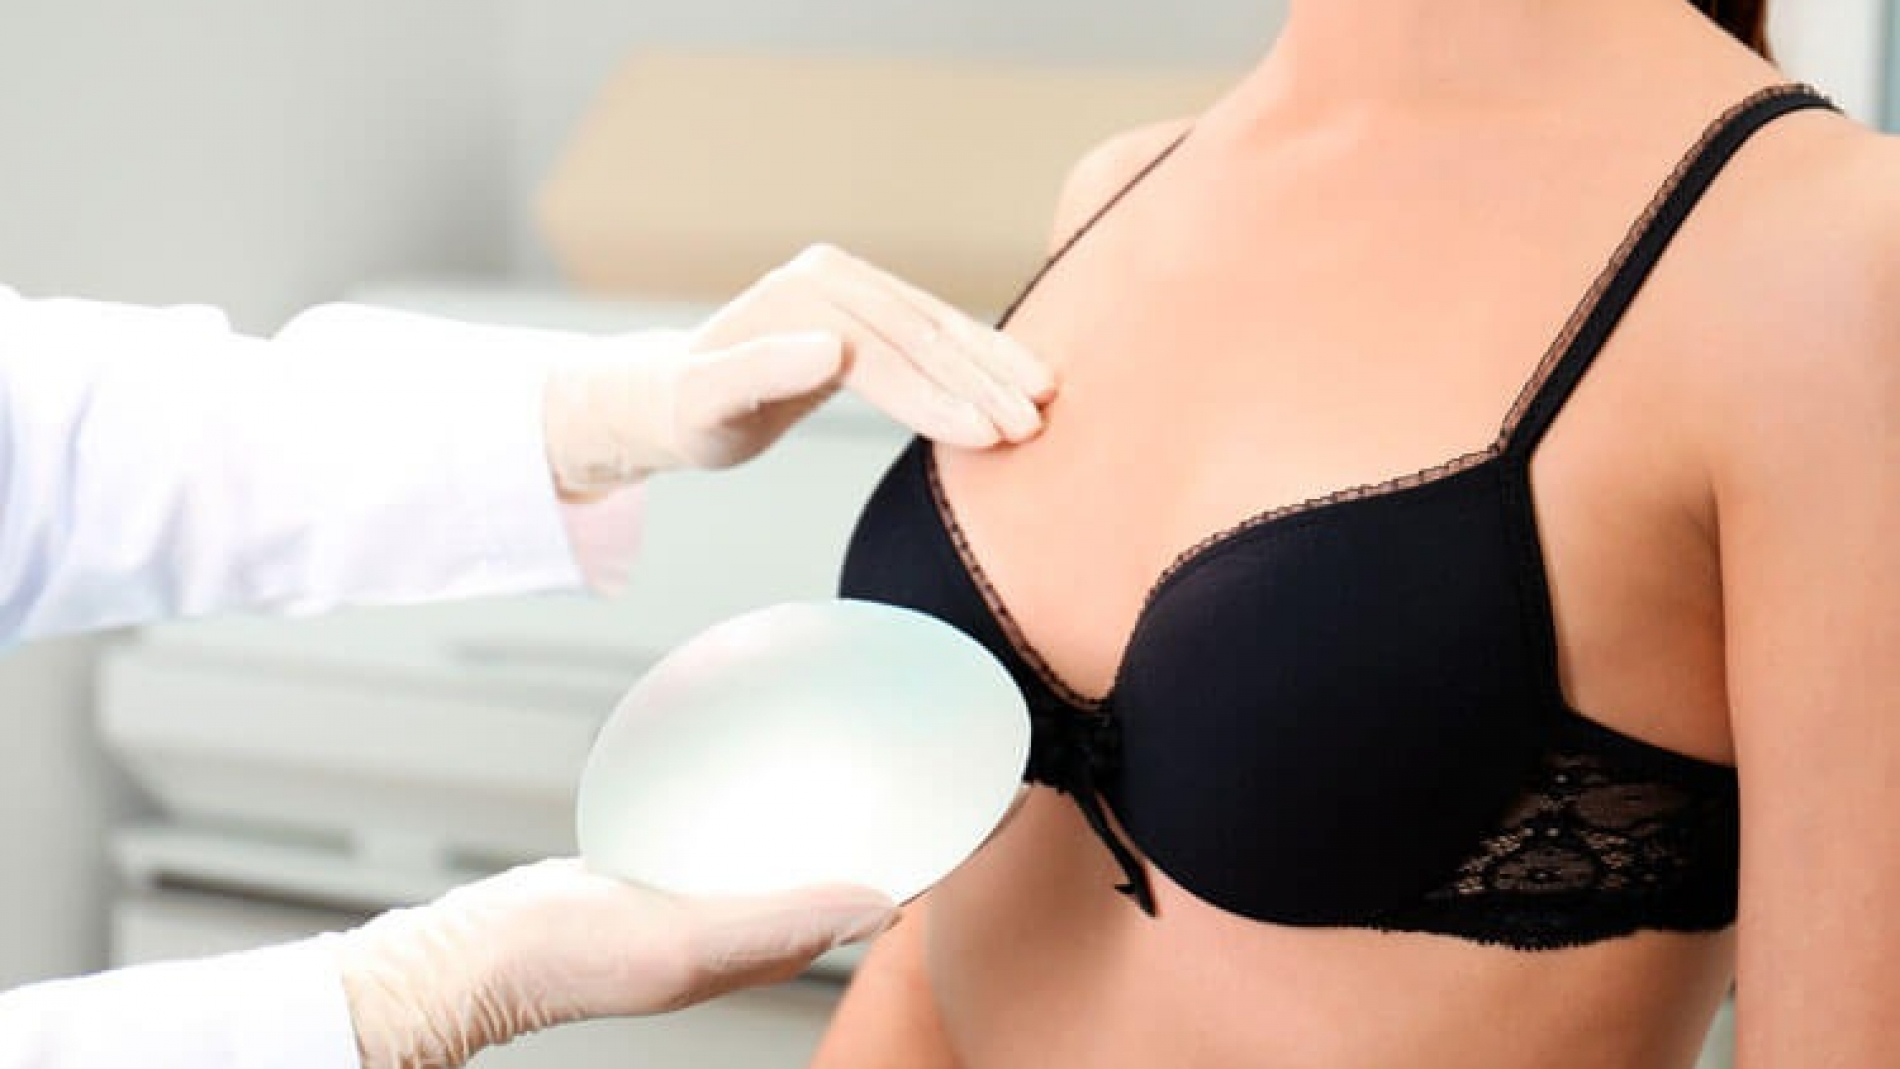 clinica de cirurgia plastica em santos dra ana lucia lemos assemetria das mamas